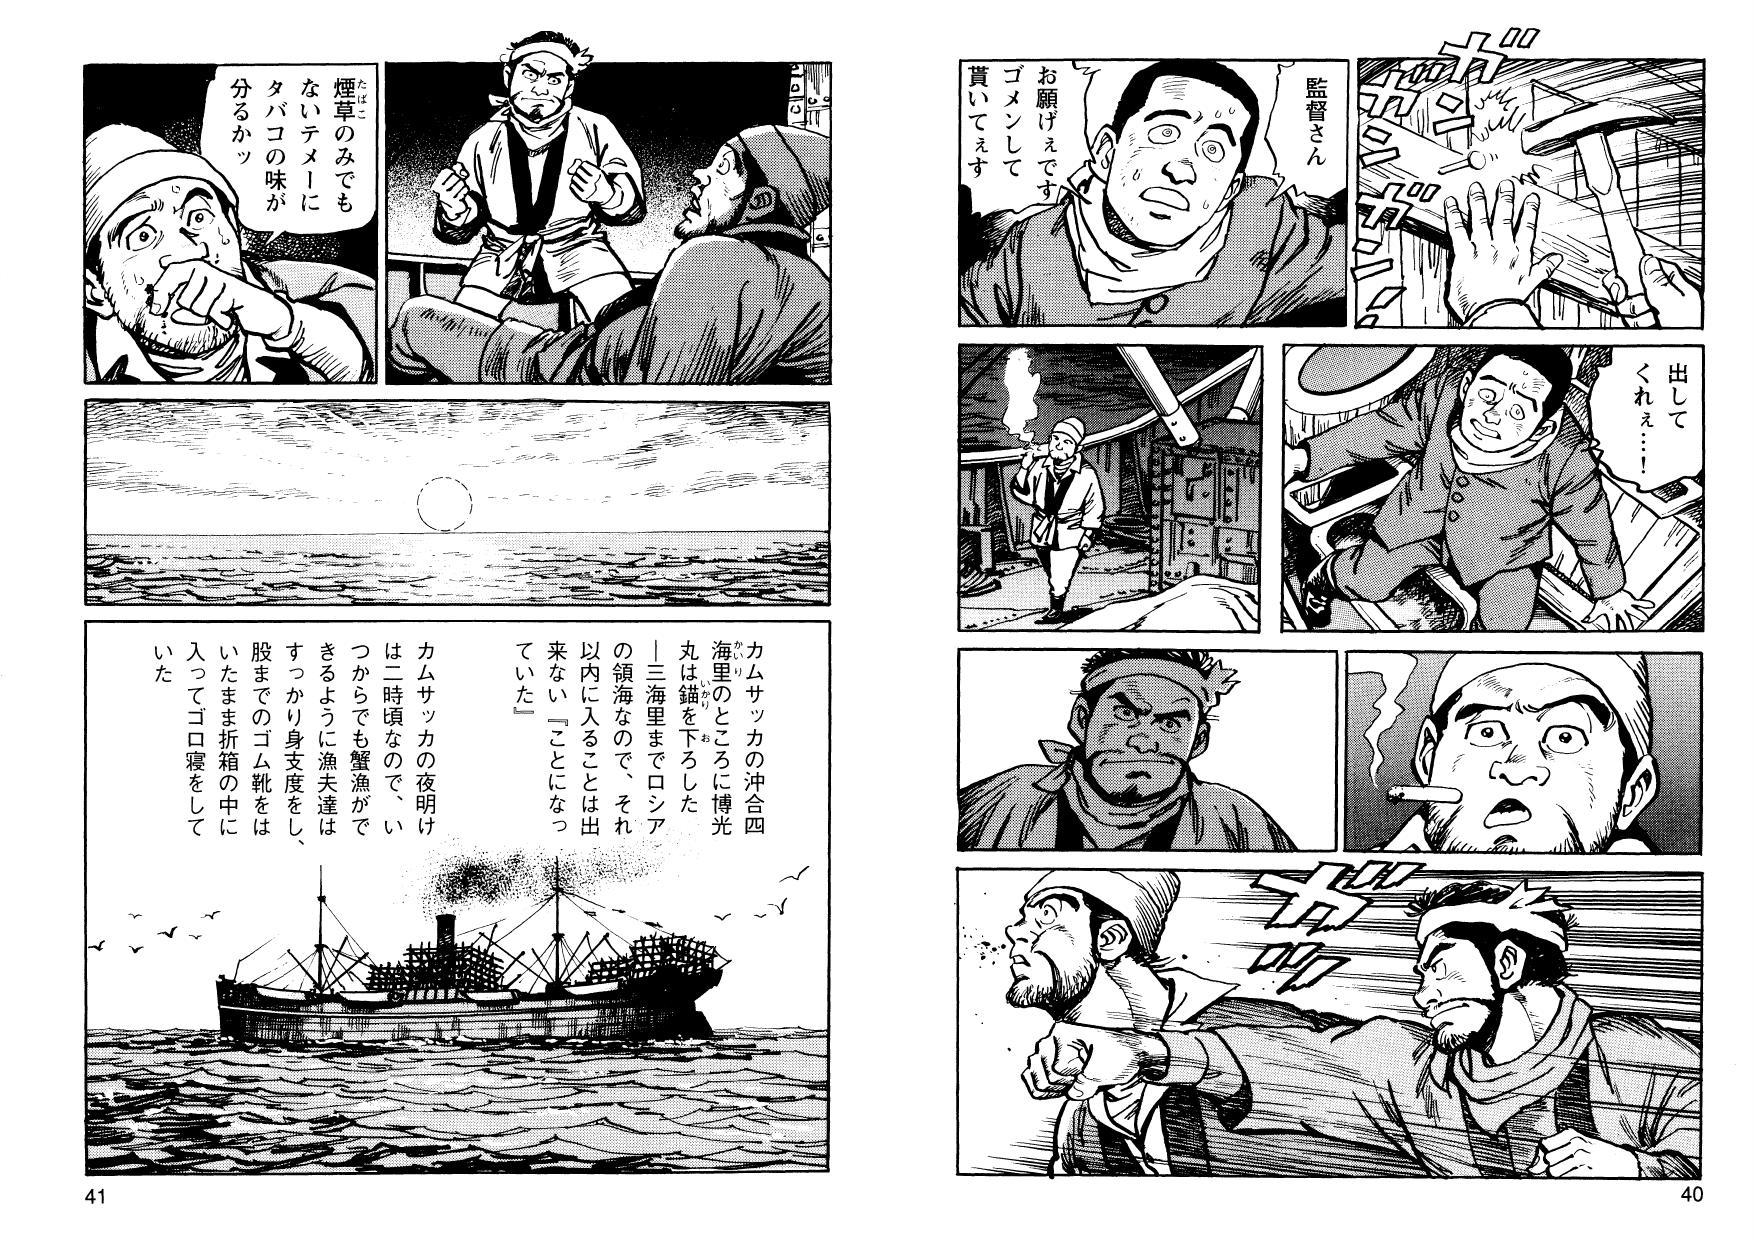 kani_cmc_000021.jpg